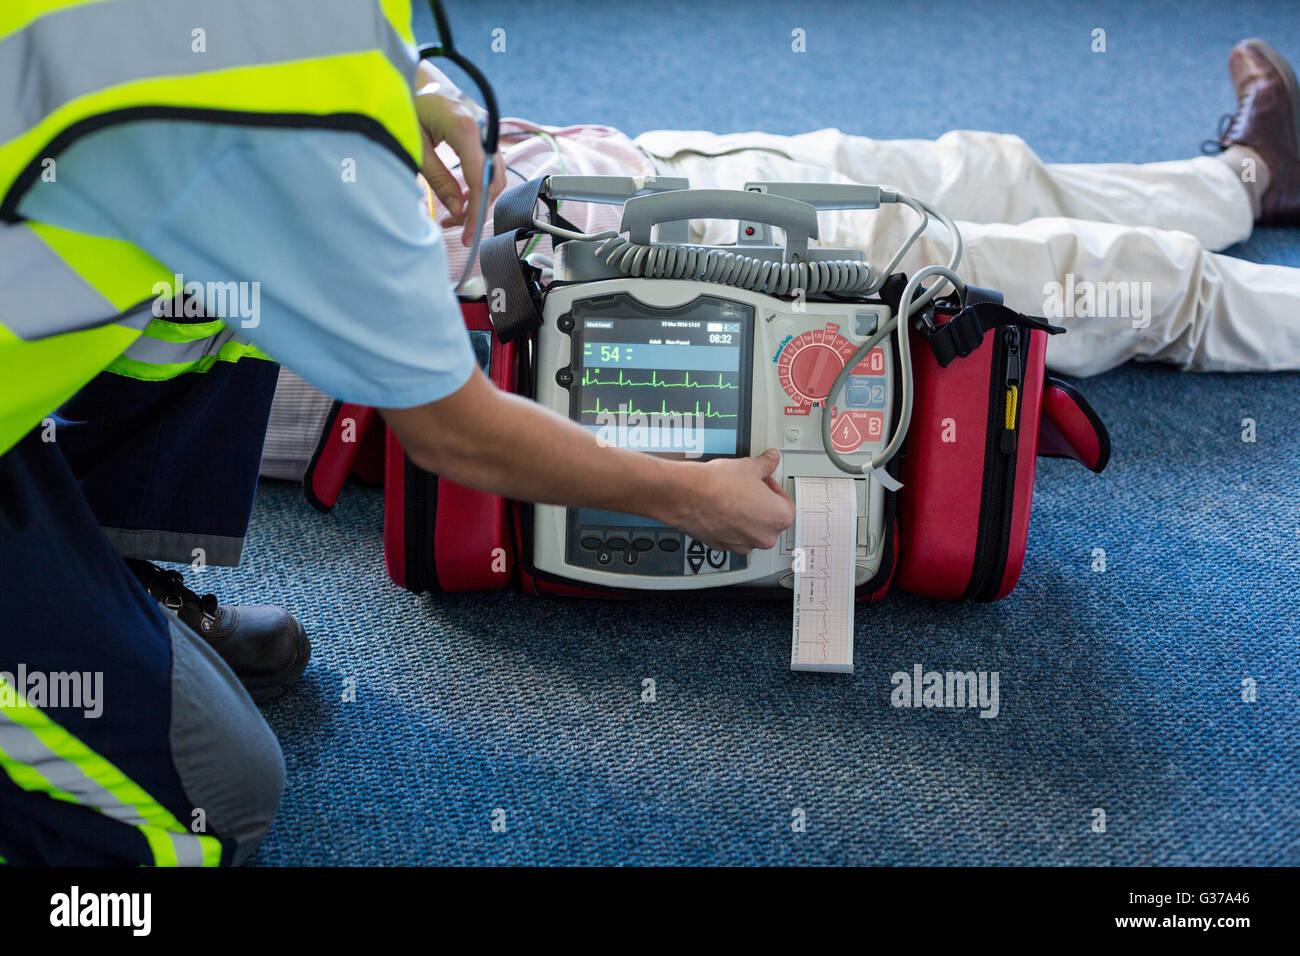 Paramedic utilizzando un defibrillatore esterno durante la rianimazione cardiopolmonare Immagini Stock